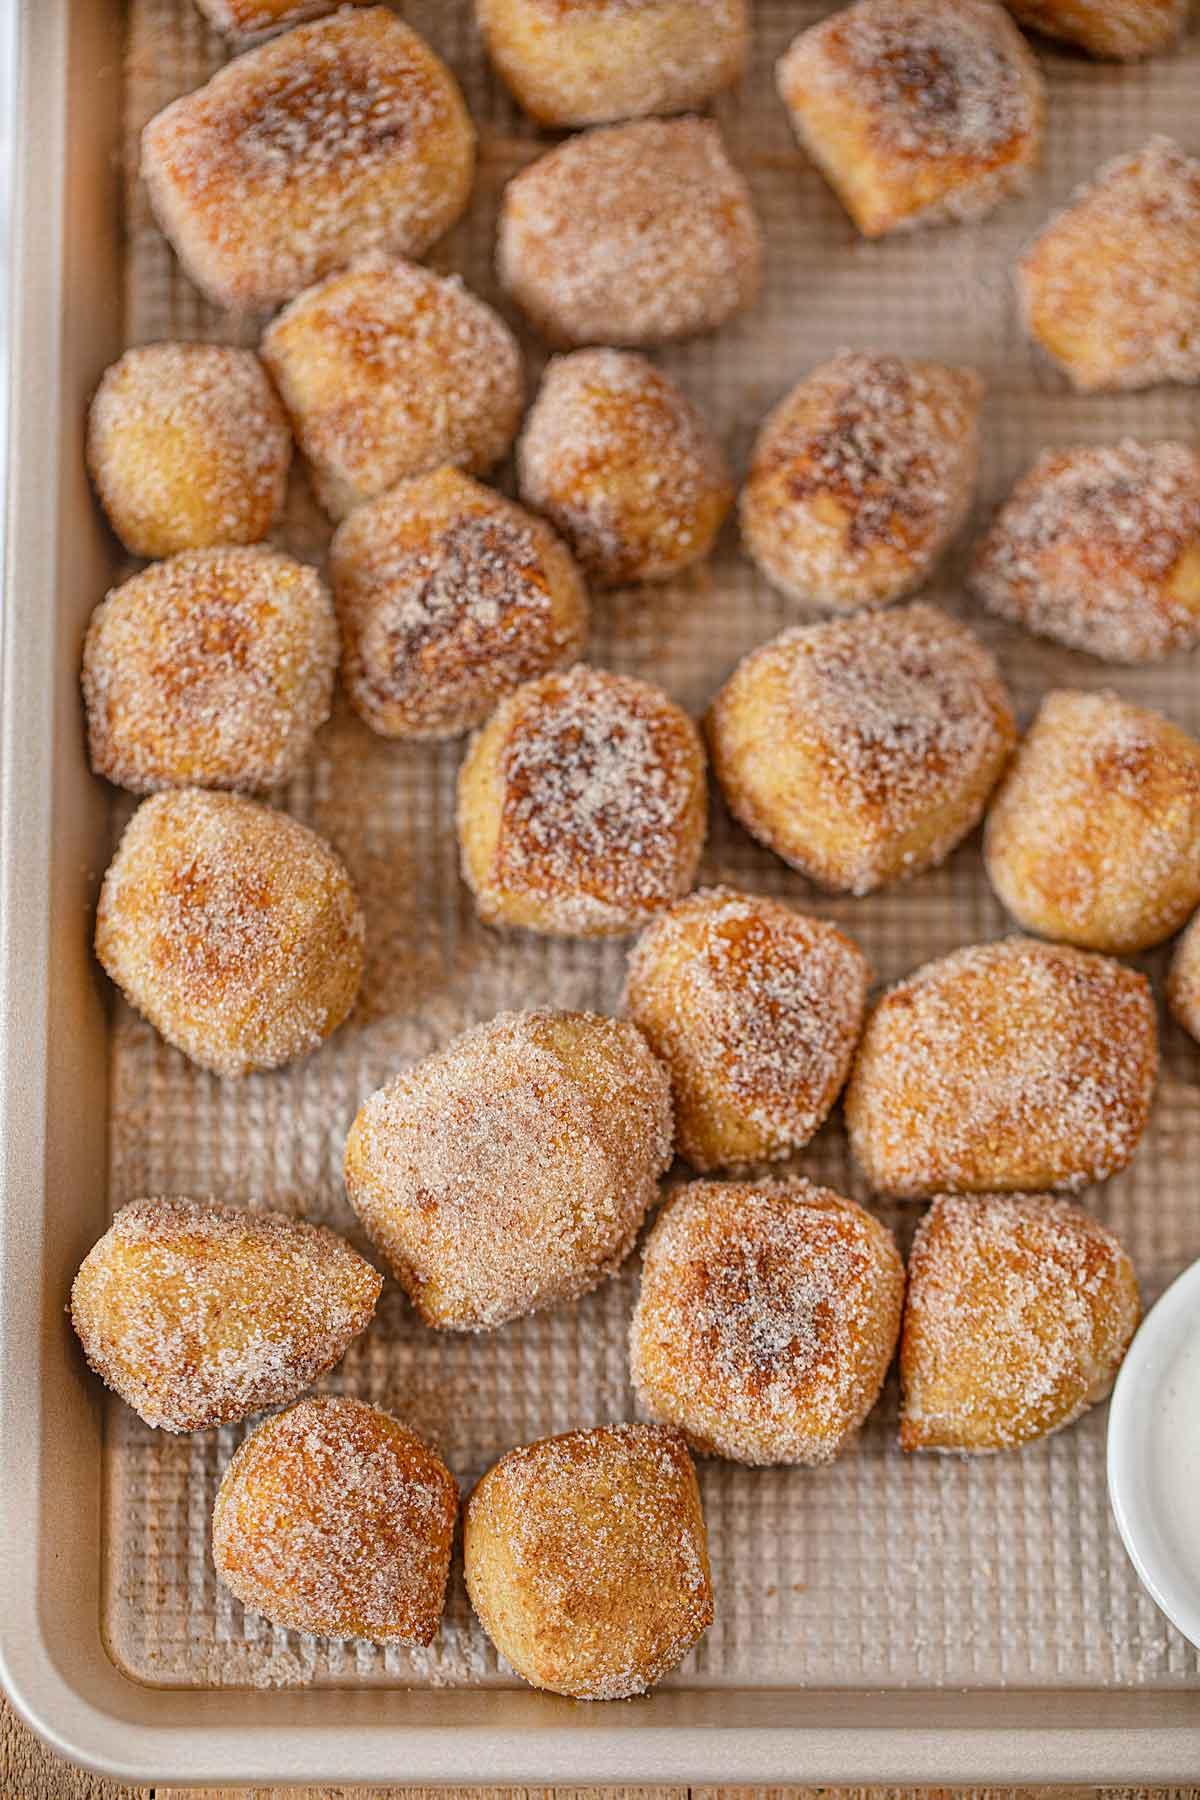 Pretzel Bites covered in cinnamon sugar